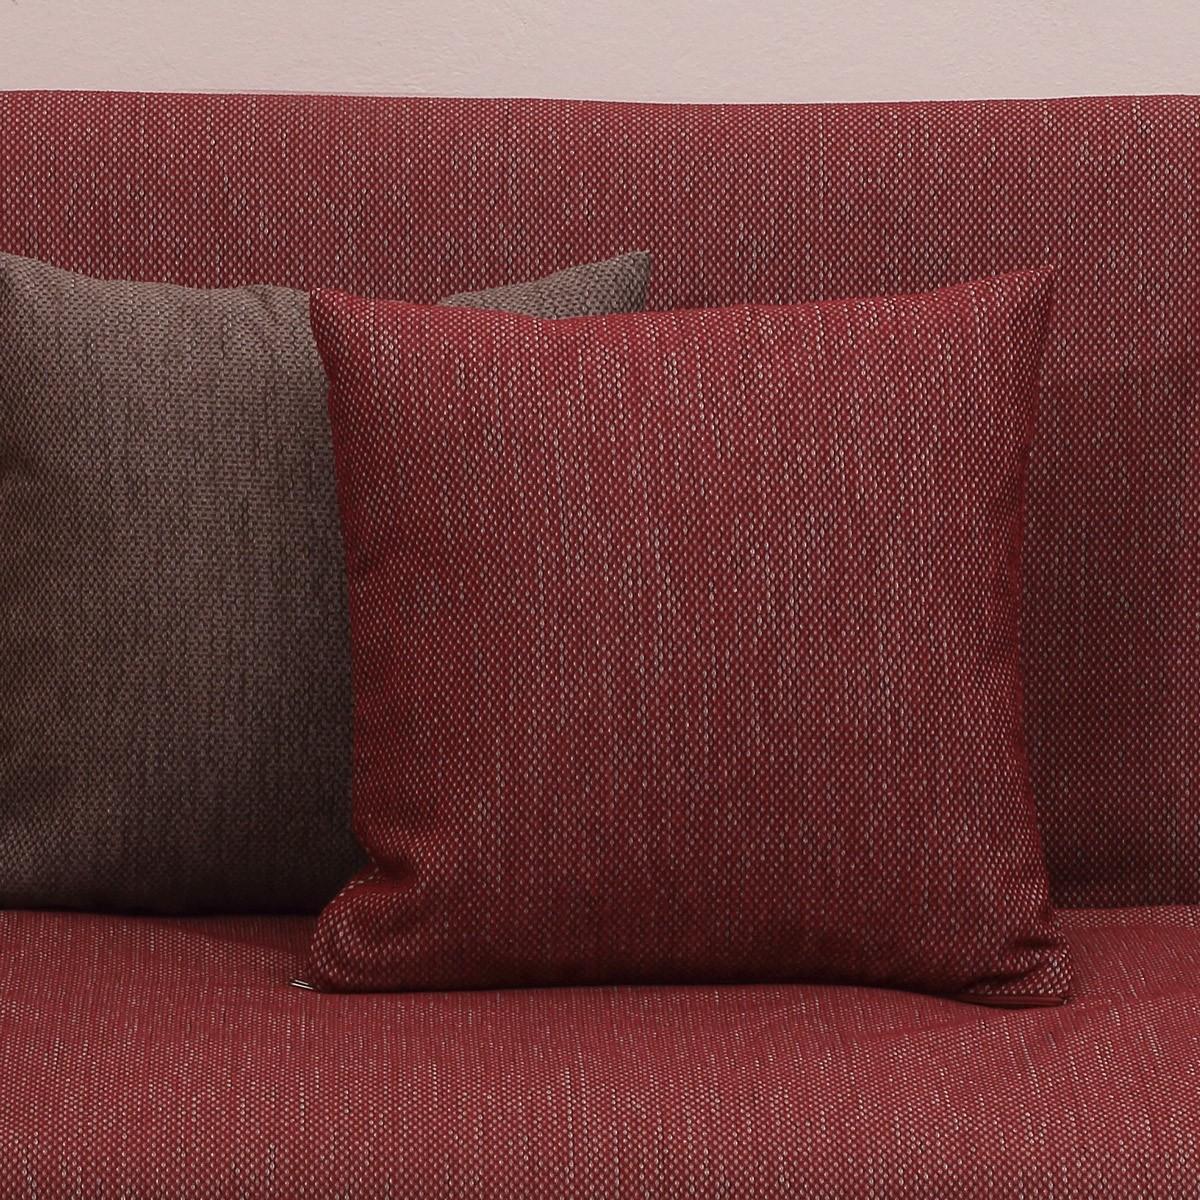 Διακοσμητικό Μαξιλάρι Viopros 2100 Κόκκινο